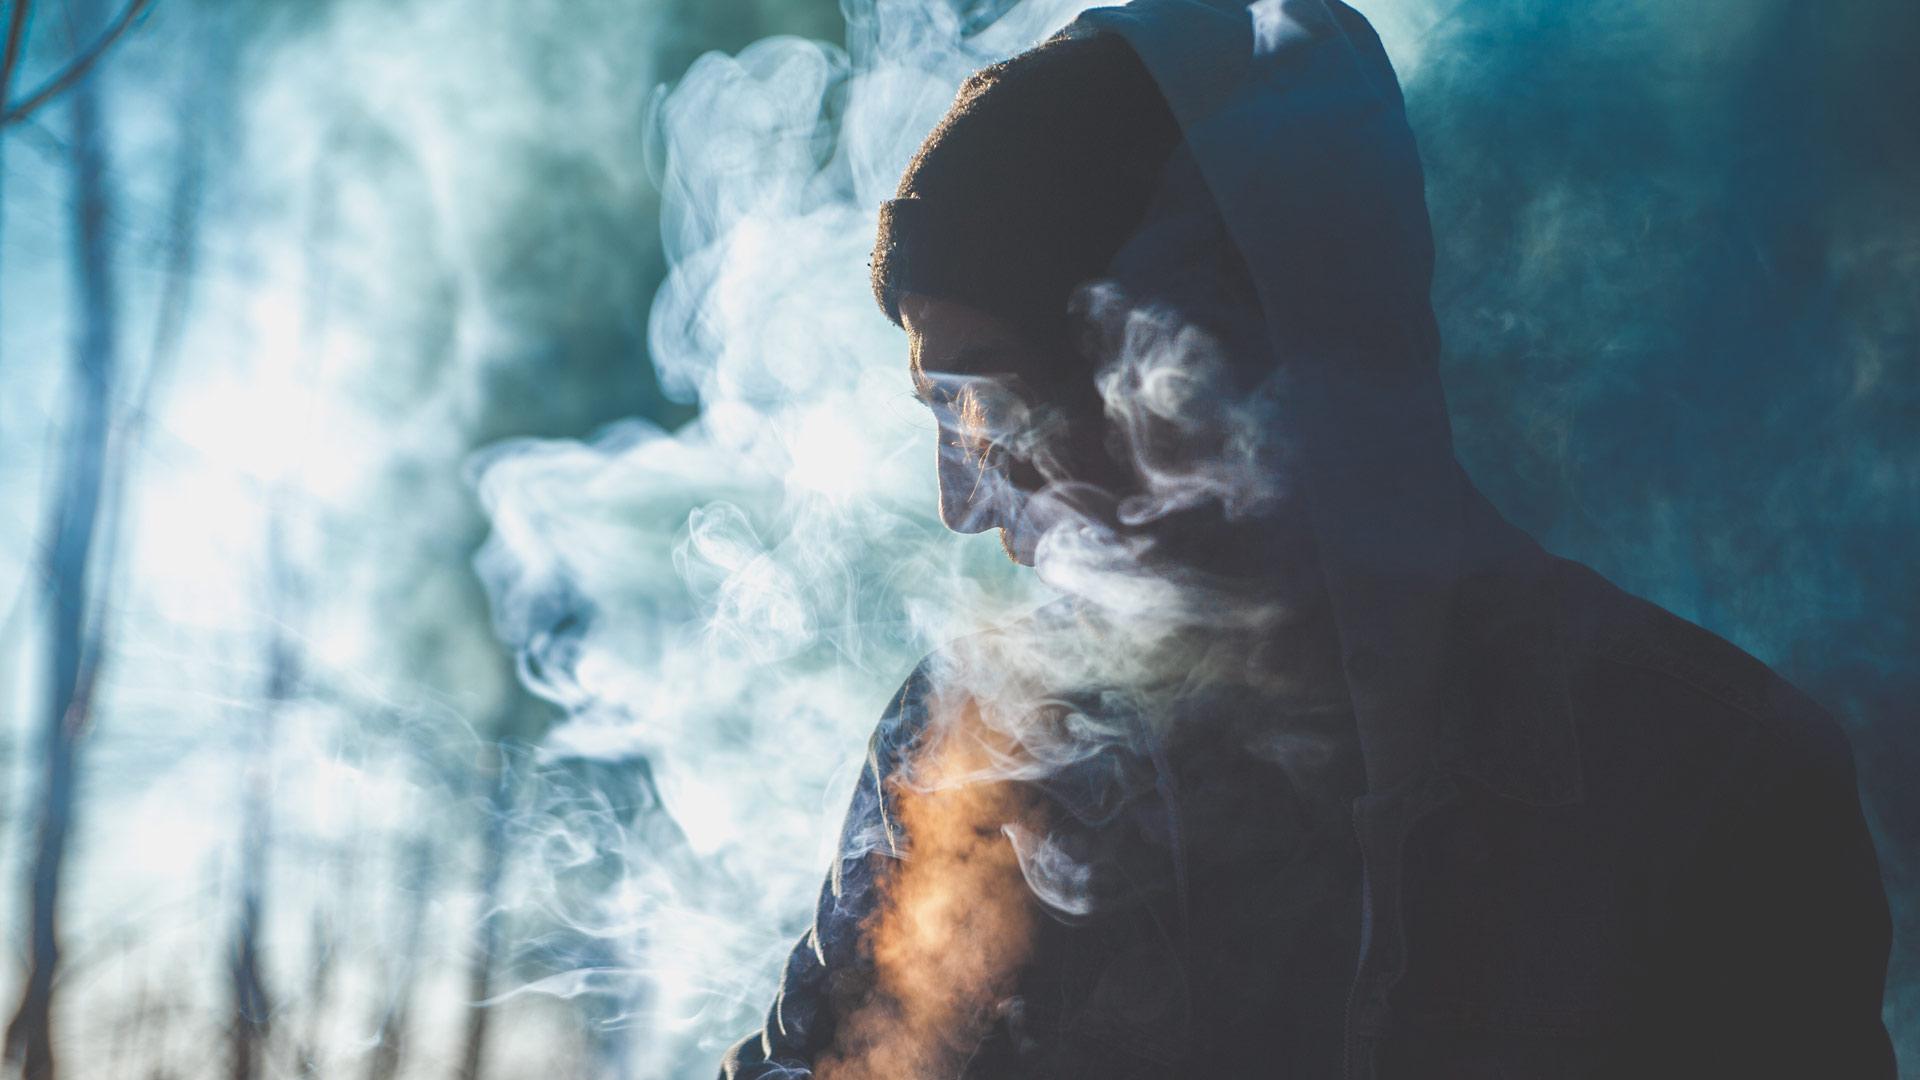 Mann eingehüllt in Rauch